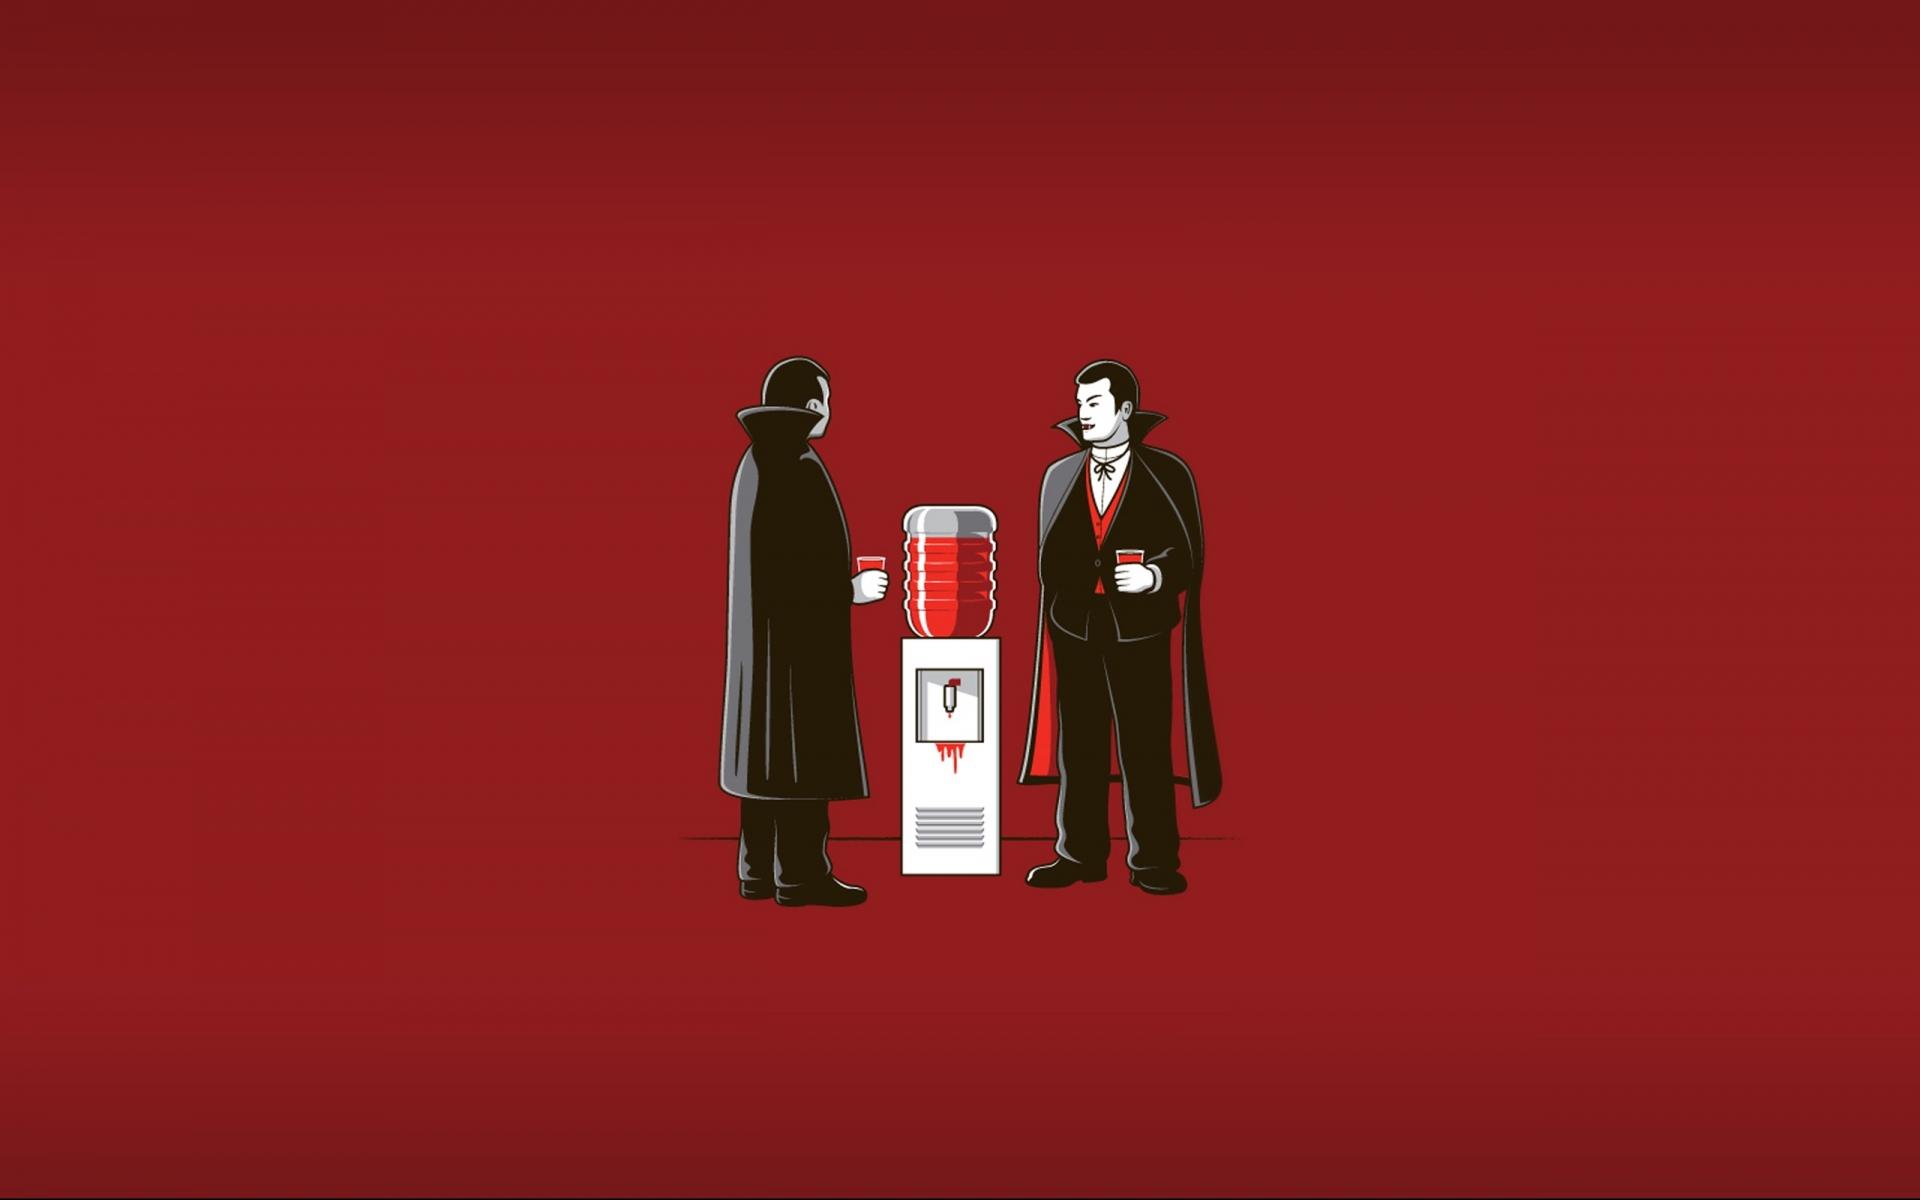 Humor funny office dark horror vampire blood wallpaper 1920x1200 1920x1200